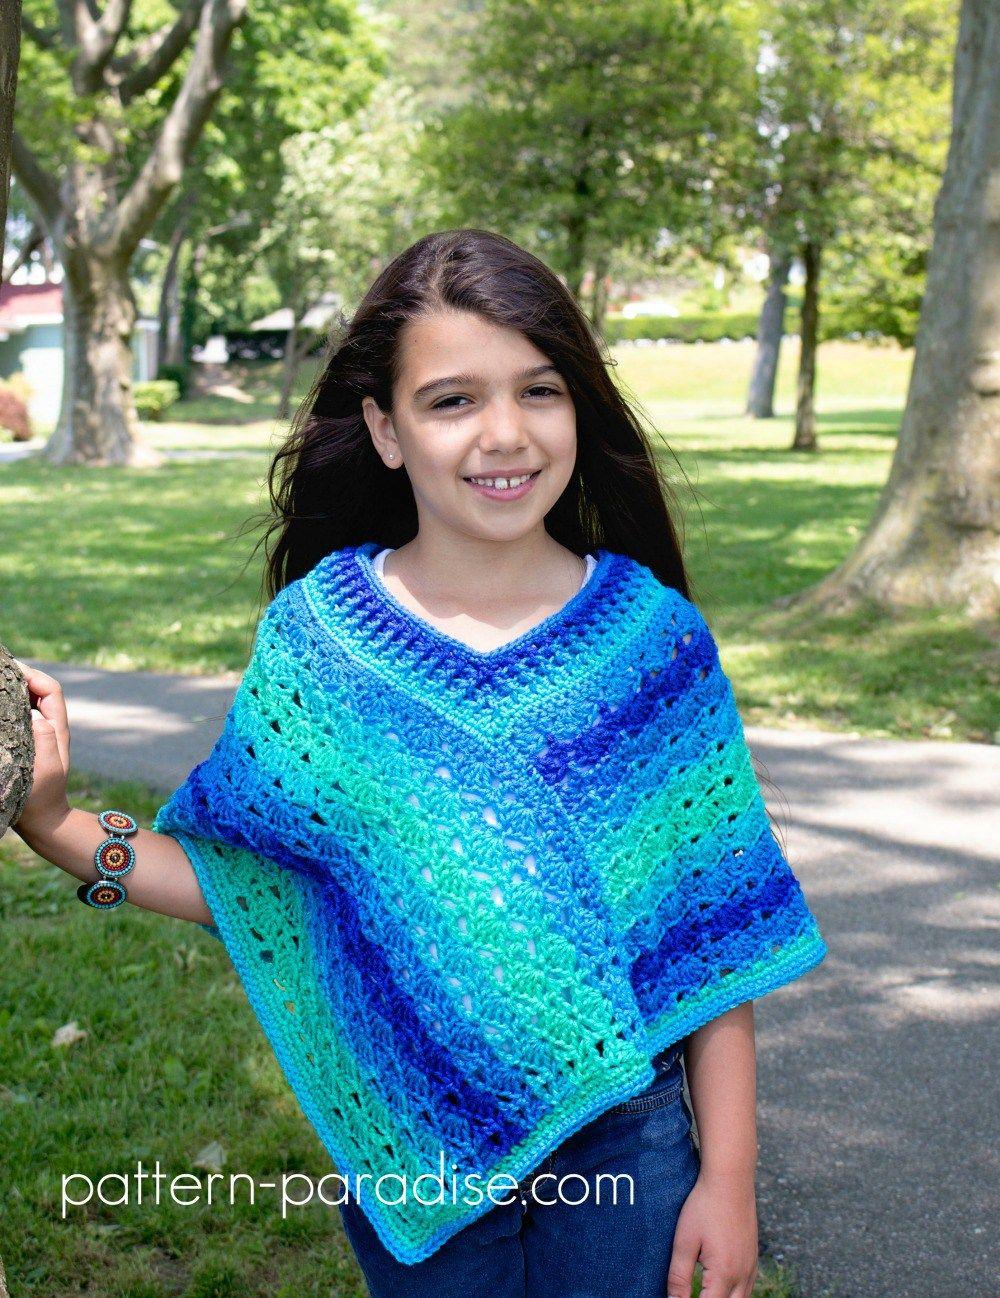 Free Crochet Pattern: Sea Glaze Poncho | Schals und tücher, Garn und ...